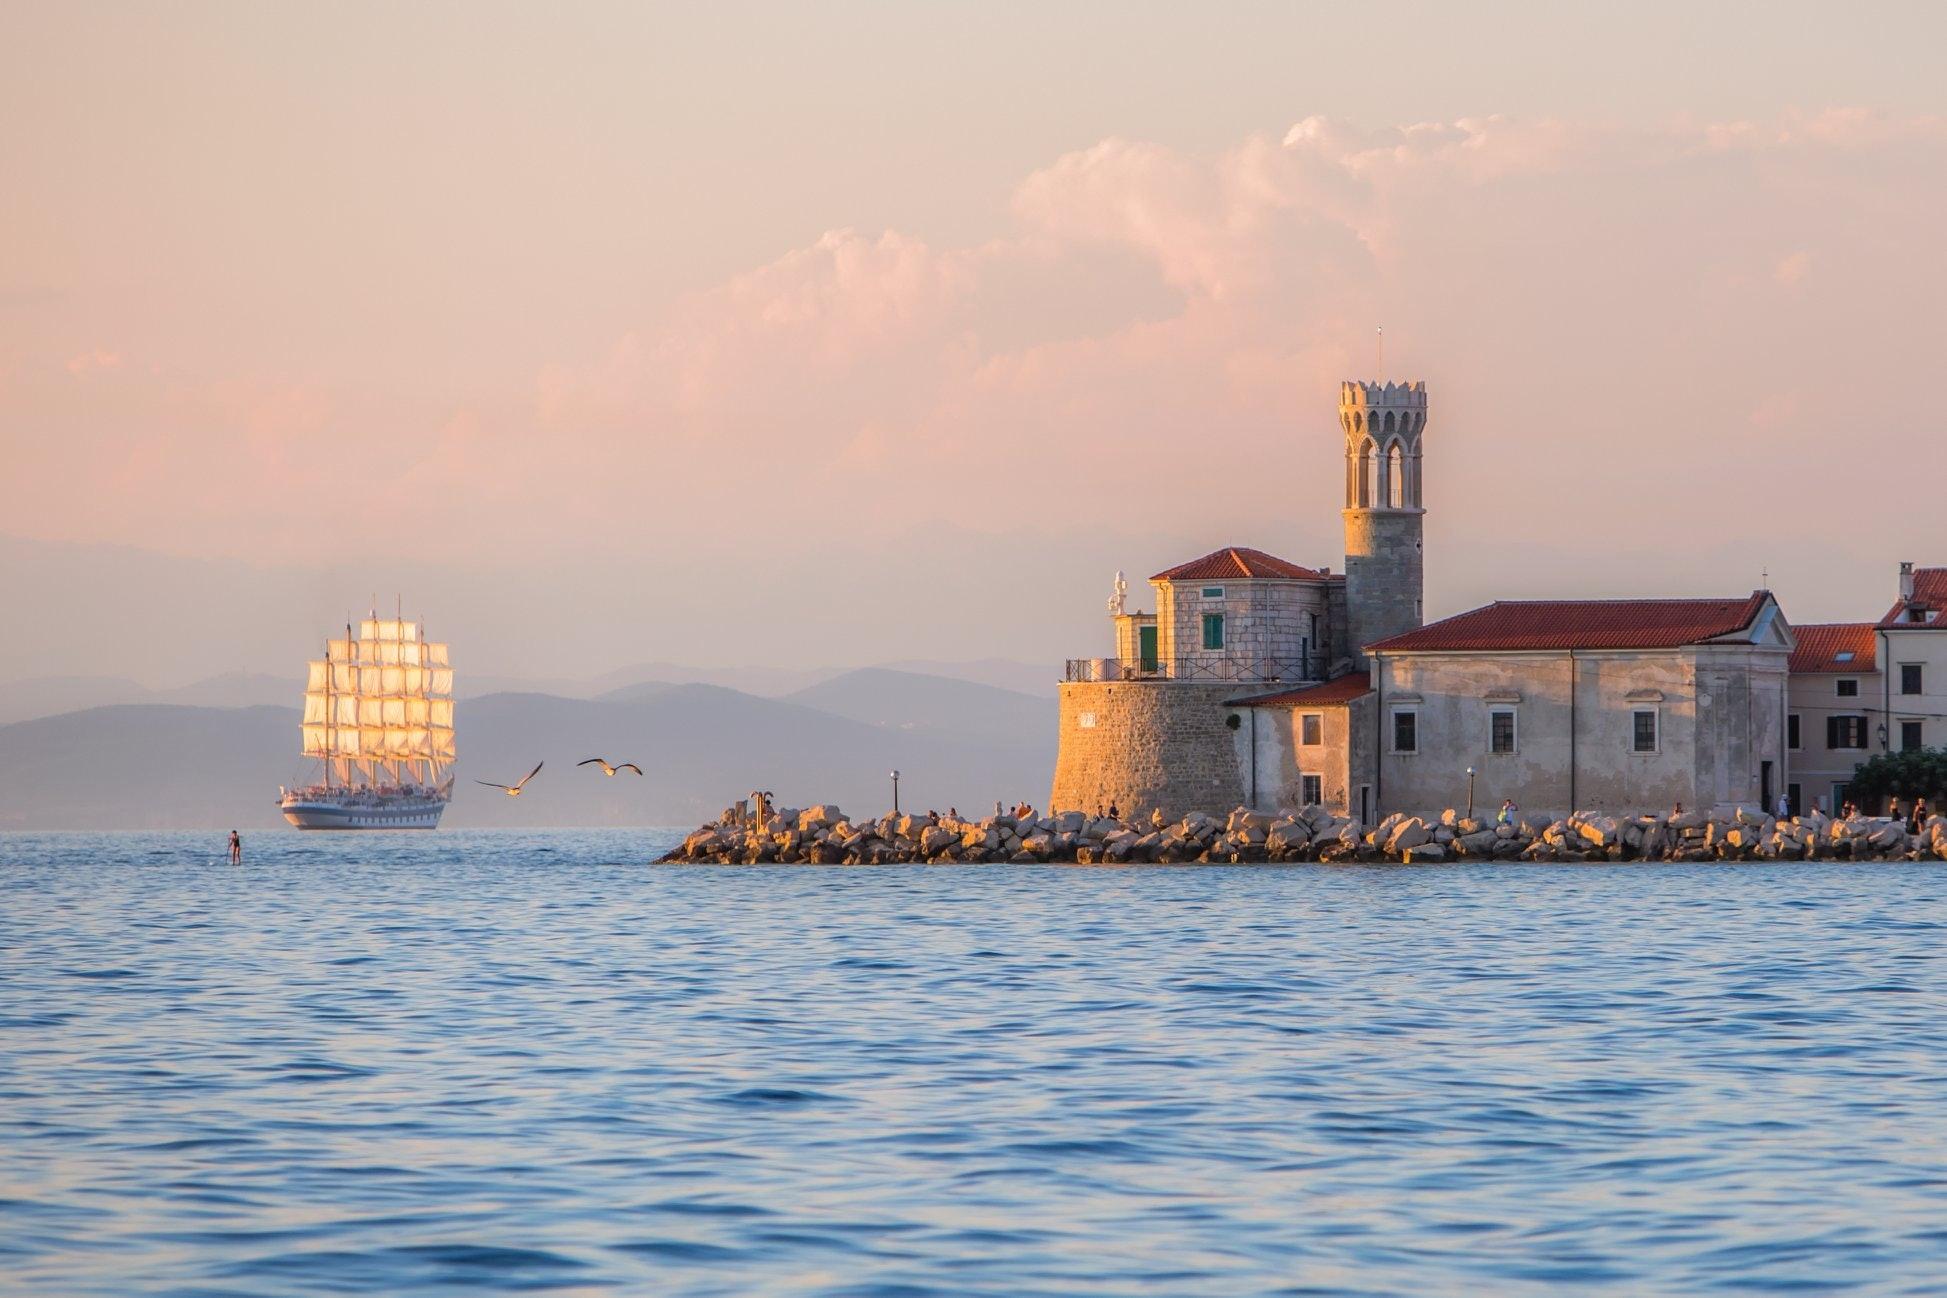 Burg am Wasser mit Schiff